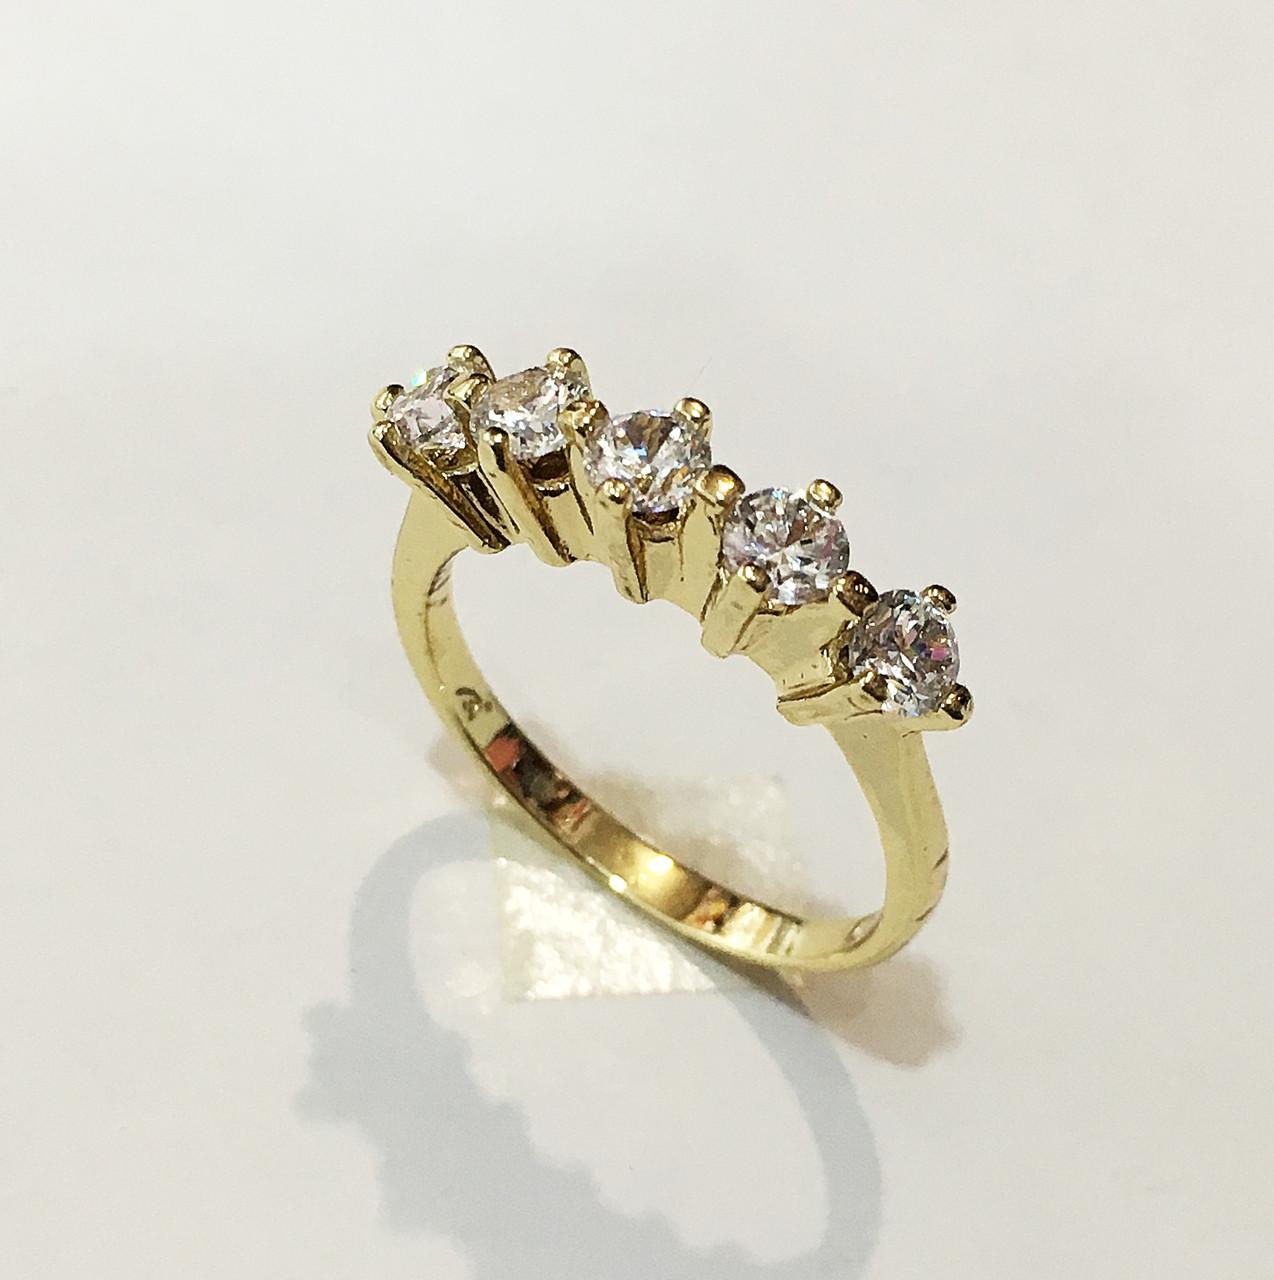 Кольцо Авориаз, размер 17, 18 ( под итальянское золото 750 пробы) XP